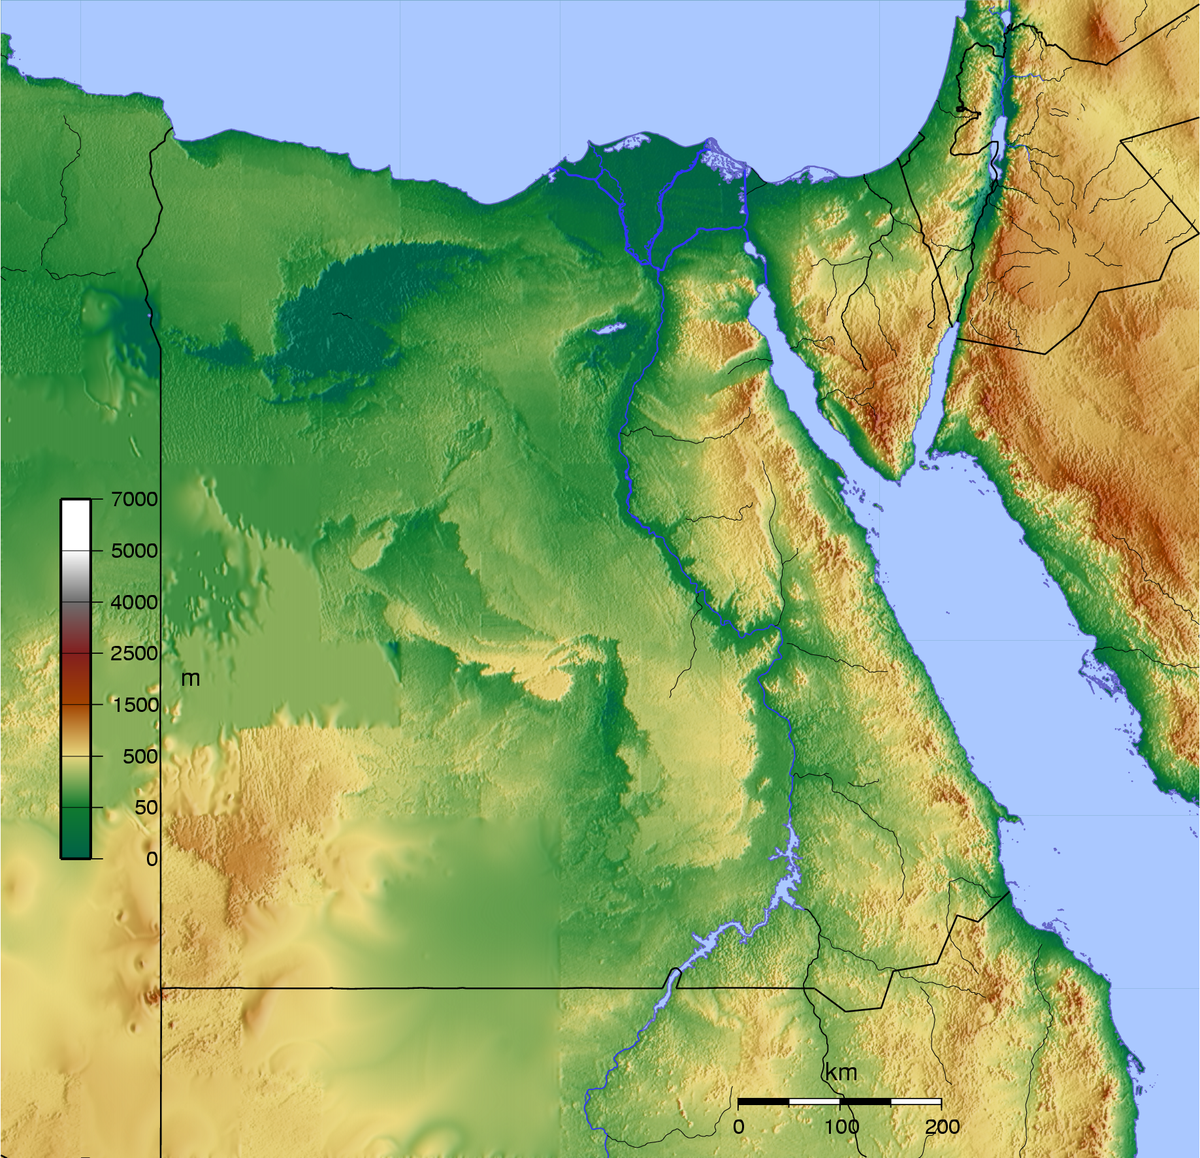 kart over gamle egypt Egypts historie – Wikipedia kart over gamle egypt